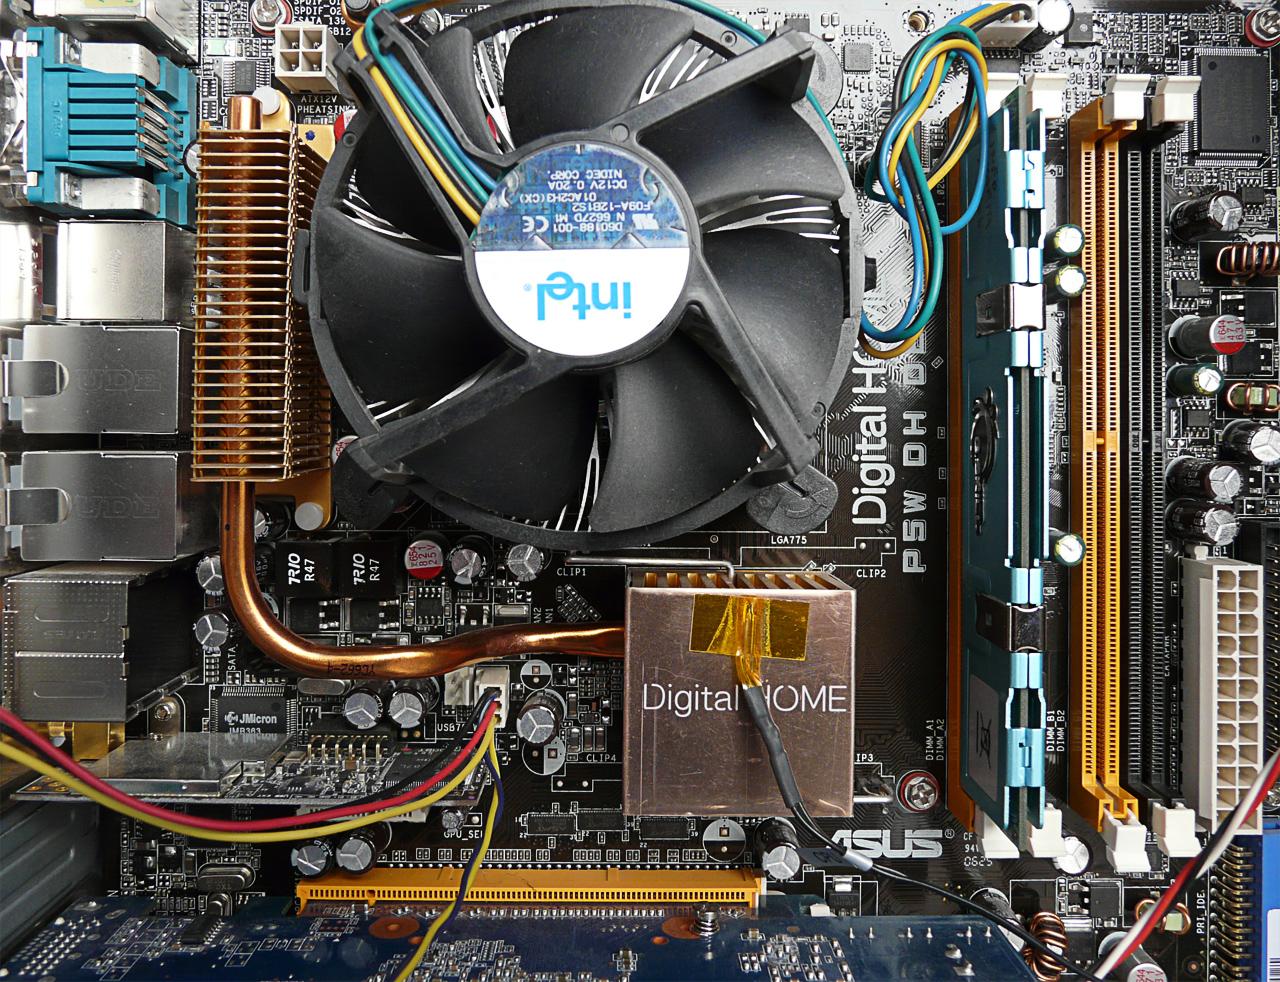 Cara Reset Motherboard Komputer Axtekno Kabel Power Pastikan Pc Sudah Tidak Terhubung Ke Sumber Listrik Supply Lakukan Dengan Melepas Dari Stop Kontak Dan Juga